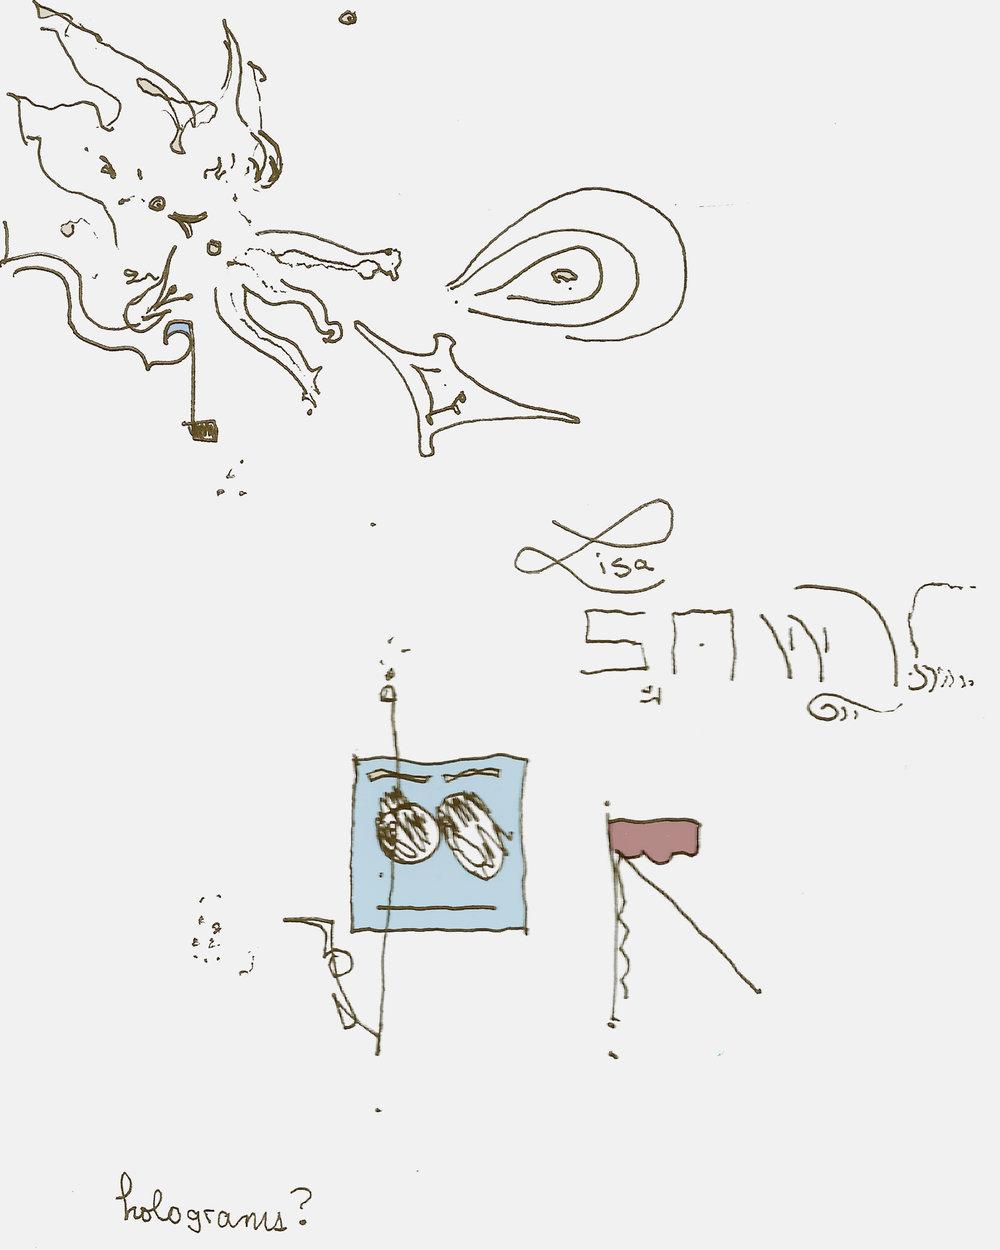 Lisa-Sawyer.jpg